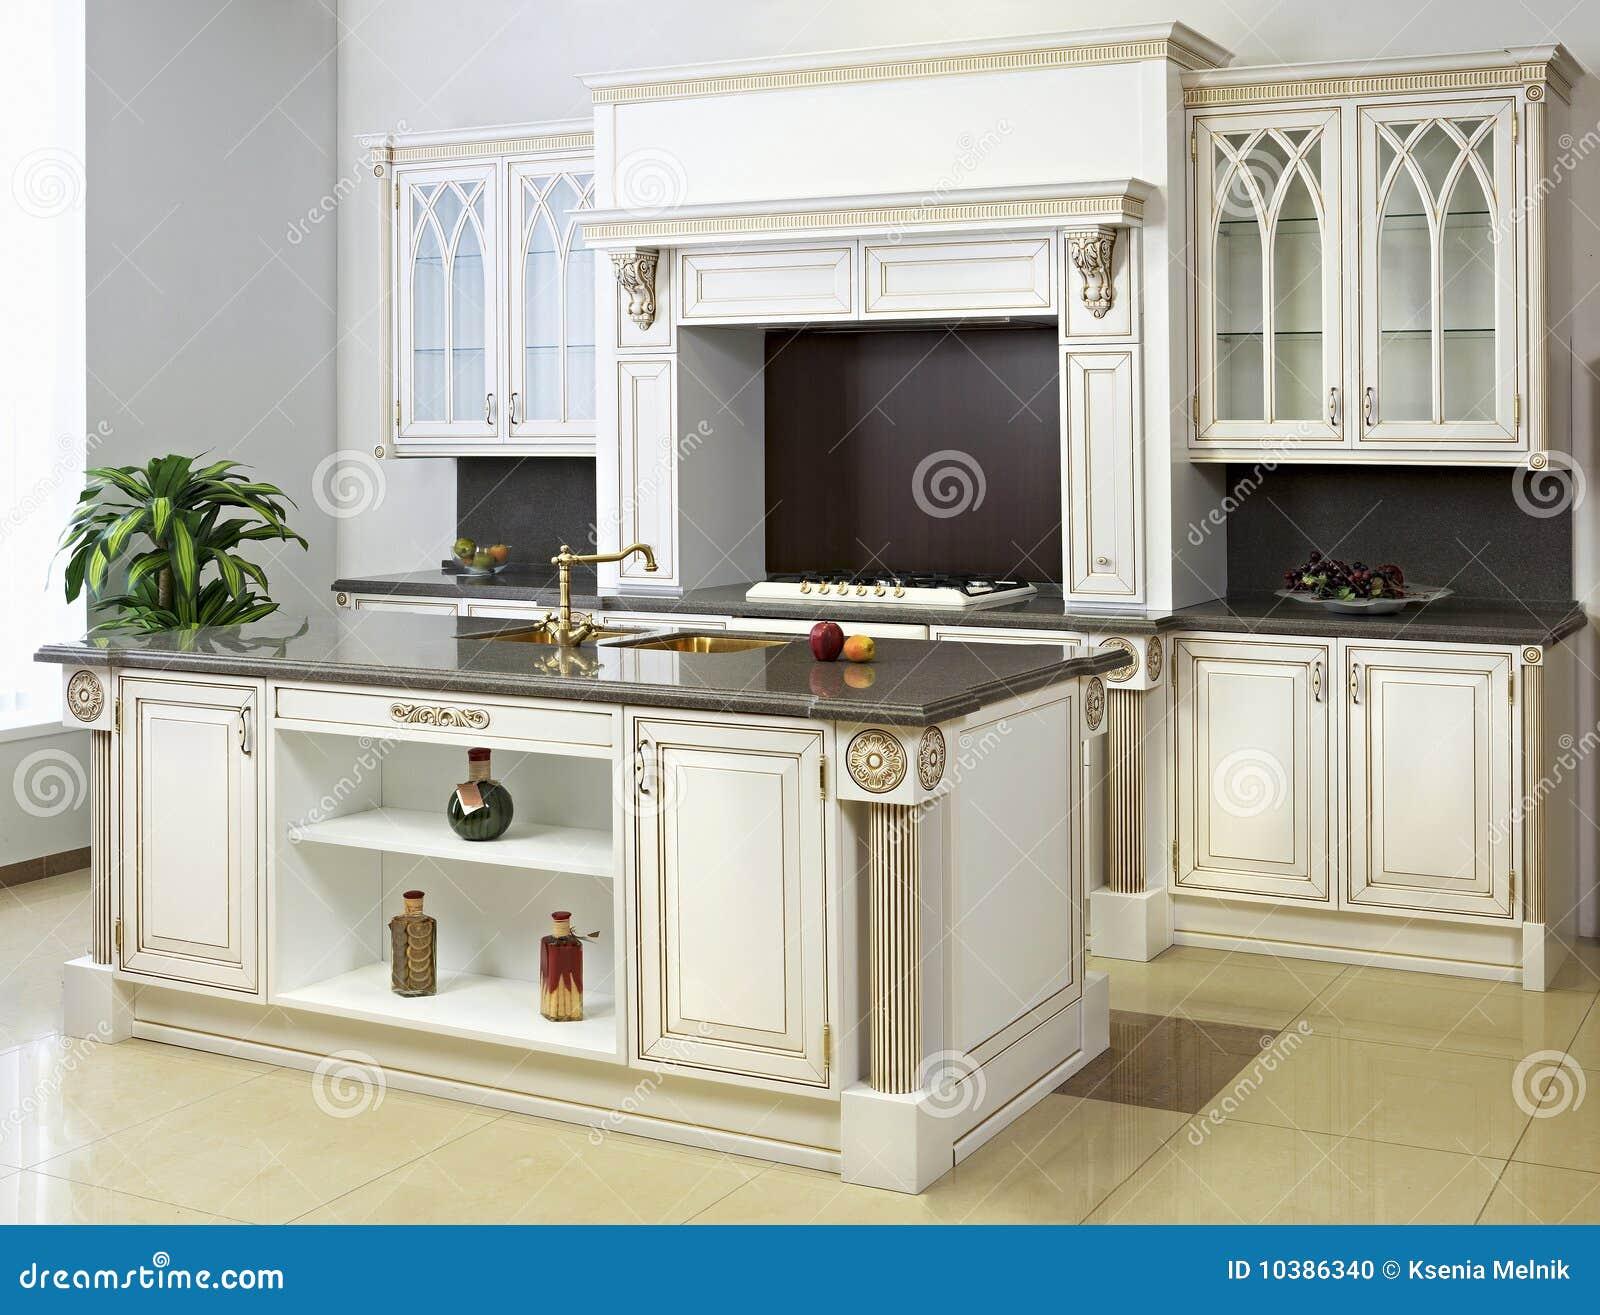 Cocina blanca con la isla foto de archivo imagen 10386340 for Cocinas blancas con isla